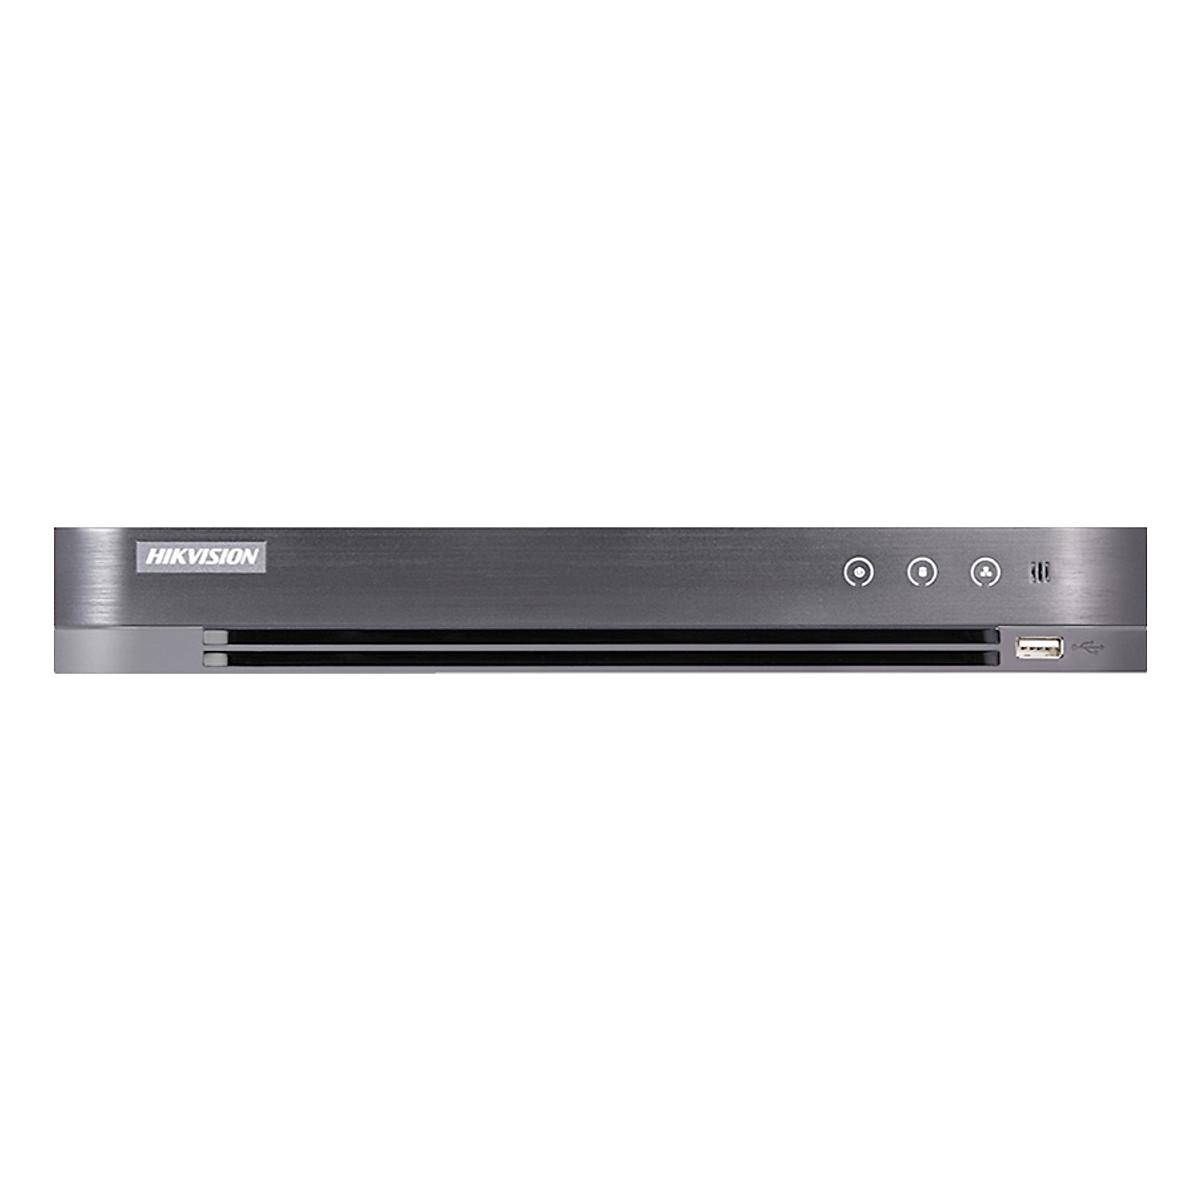 Đầu ghi hình 8 kênh + hỗ trợ POC Hikvision HD-TVI 2MP/3MP H265 DS-7208HQHI-K2/P – Hàng Nhập Khẩu